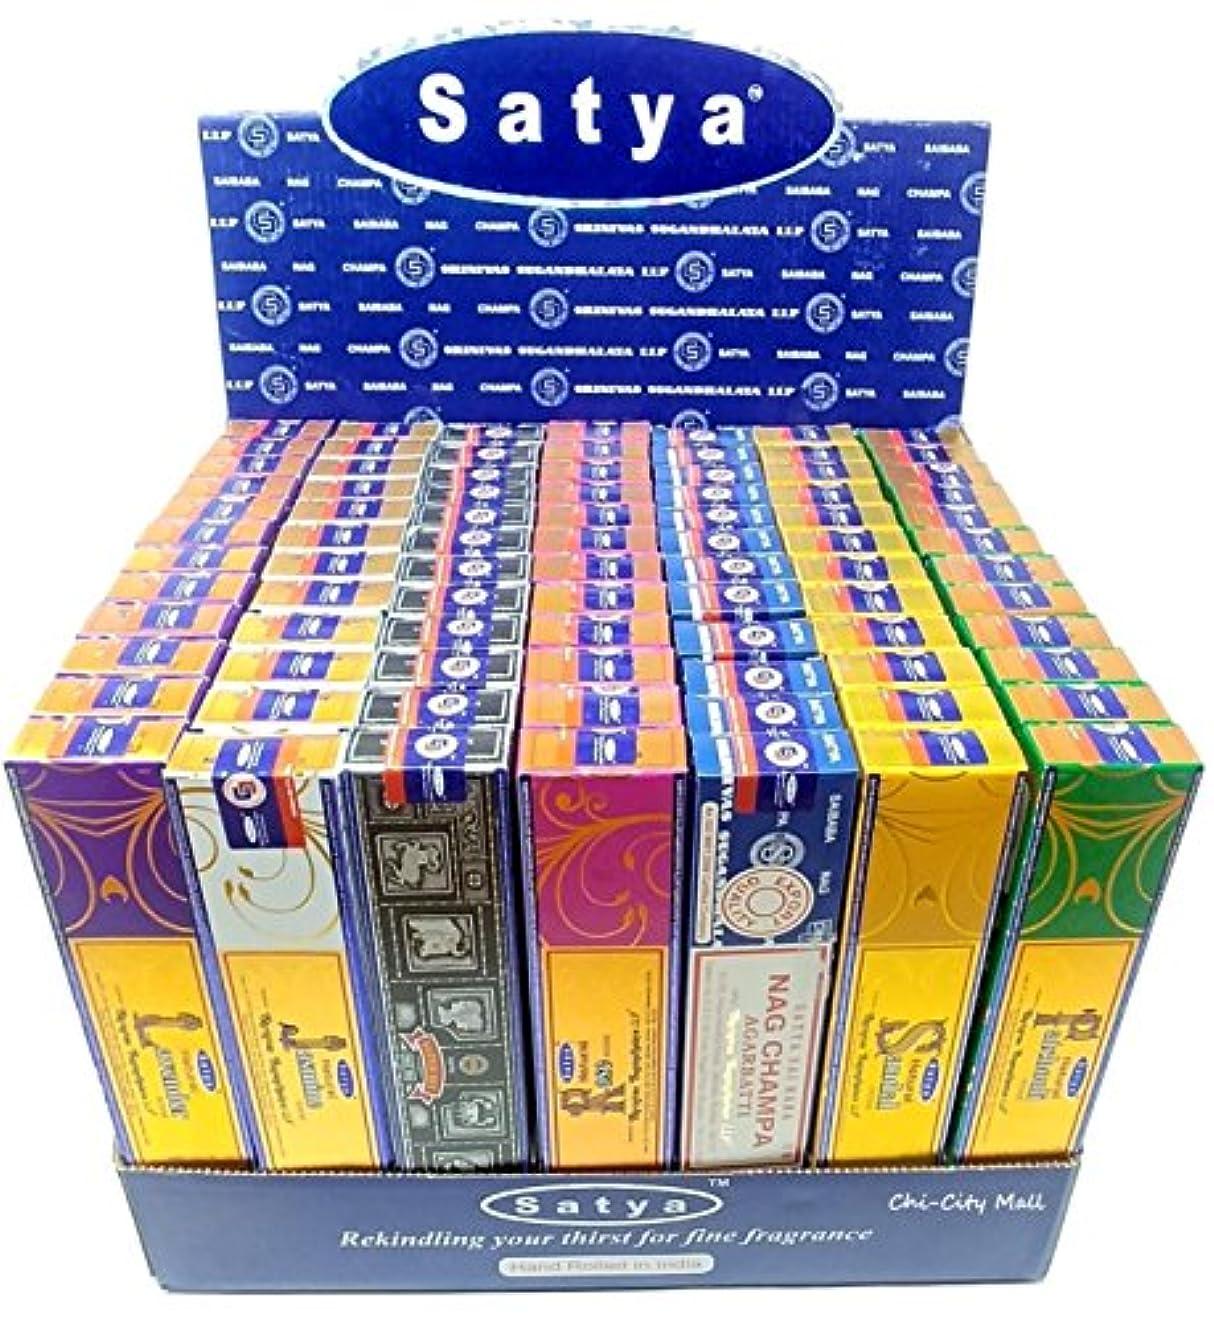 さわやか真鍮バンジョーchi-city Mall (7-pack/105g) – Satya Nag Champa Incense Sticks |詰め合わせギフトセットシリーズ| hand-rolled Agarbatti | Sai Baba...